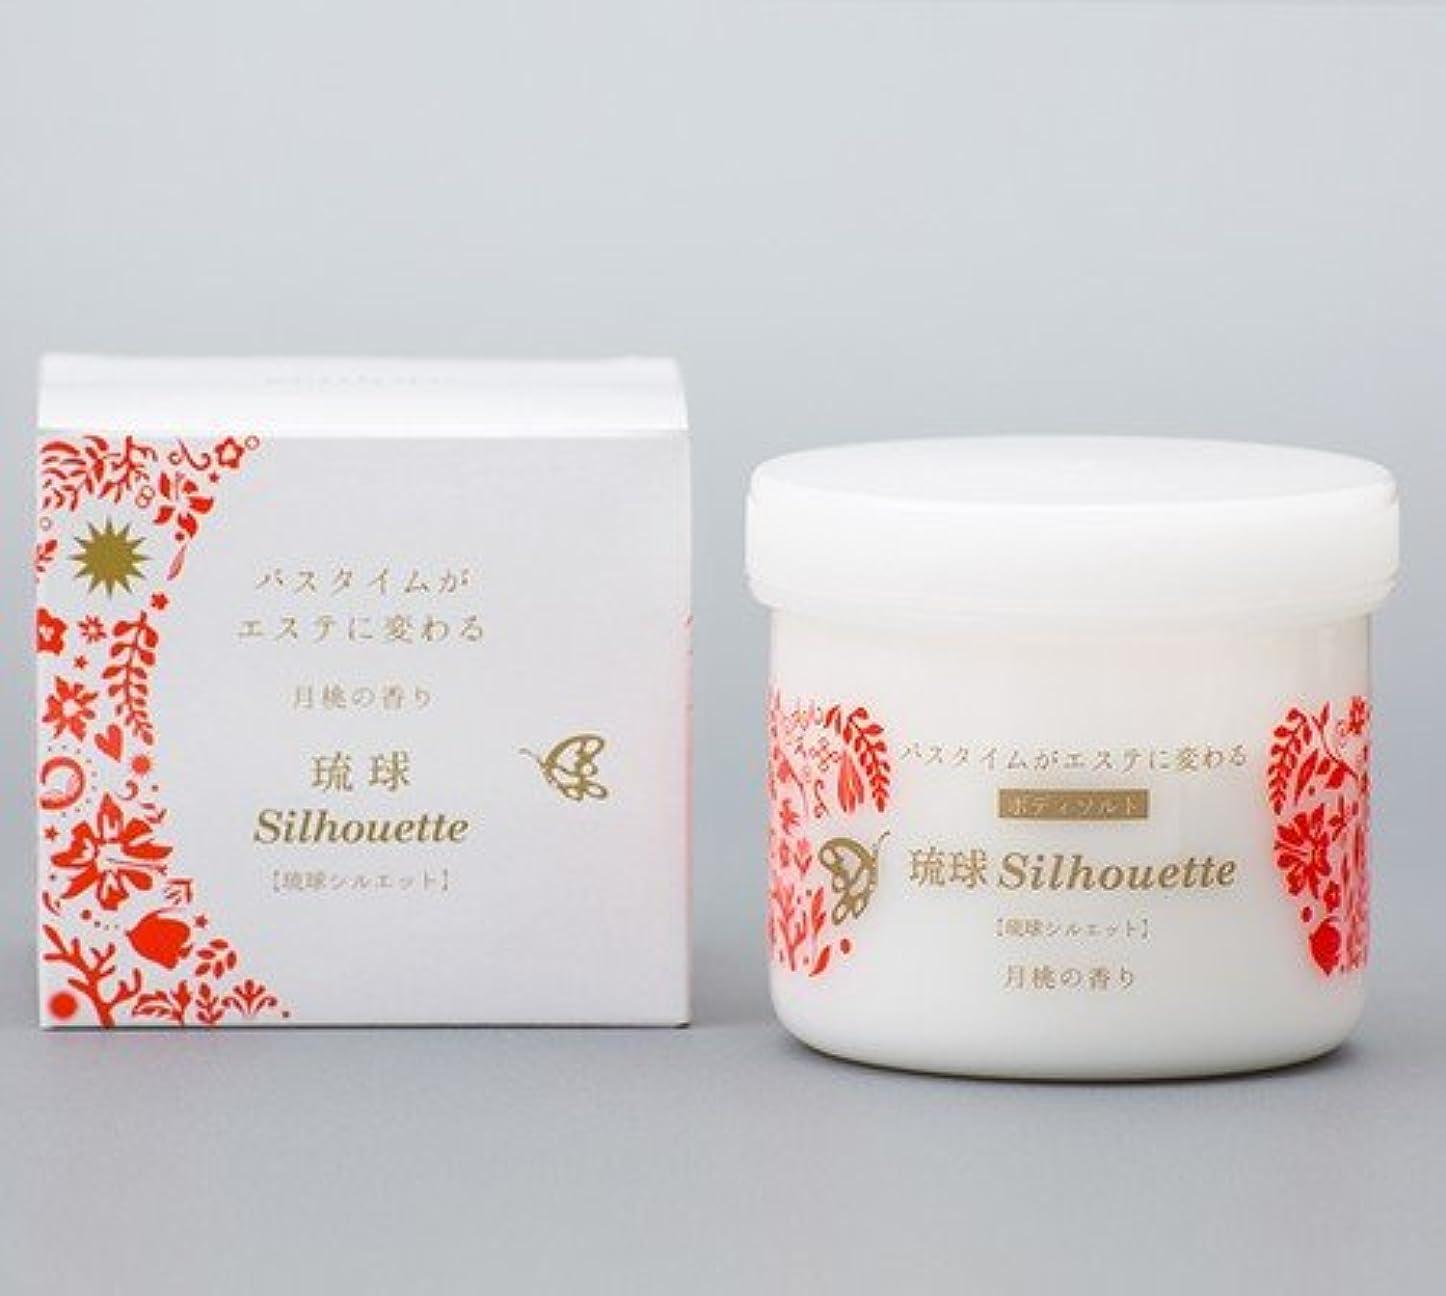 個人的な品揃え思い出す月桃の香り 琉球シルエット ソルトソープ(200g)